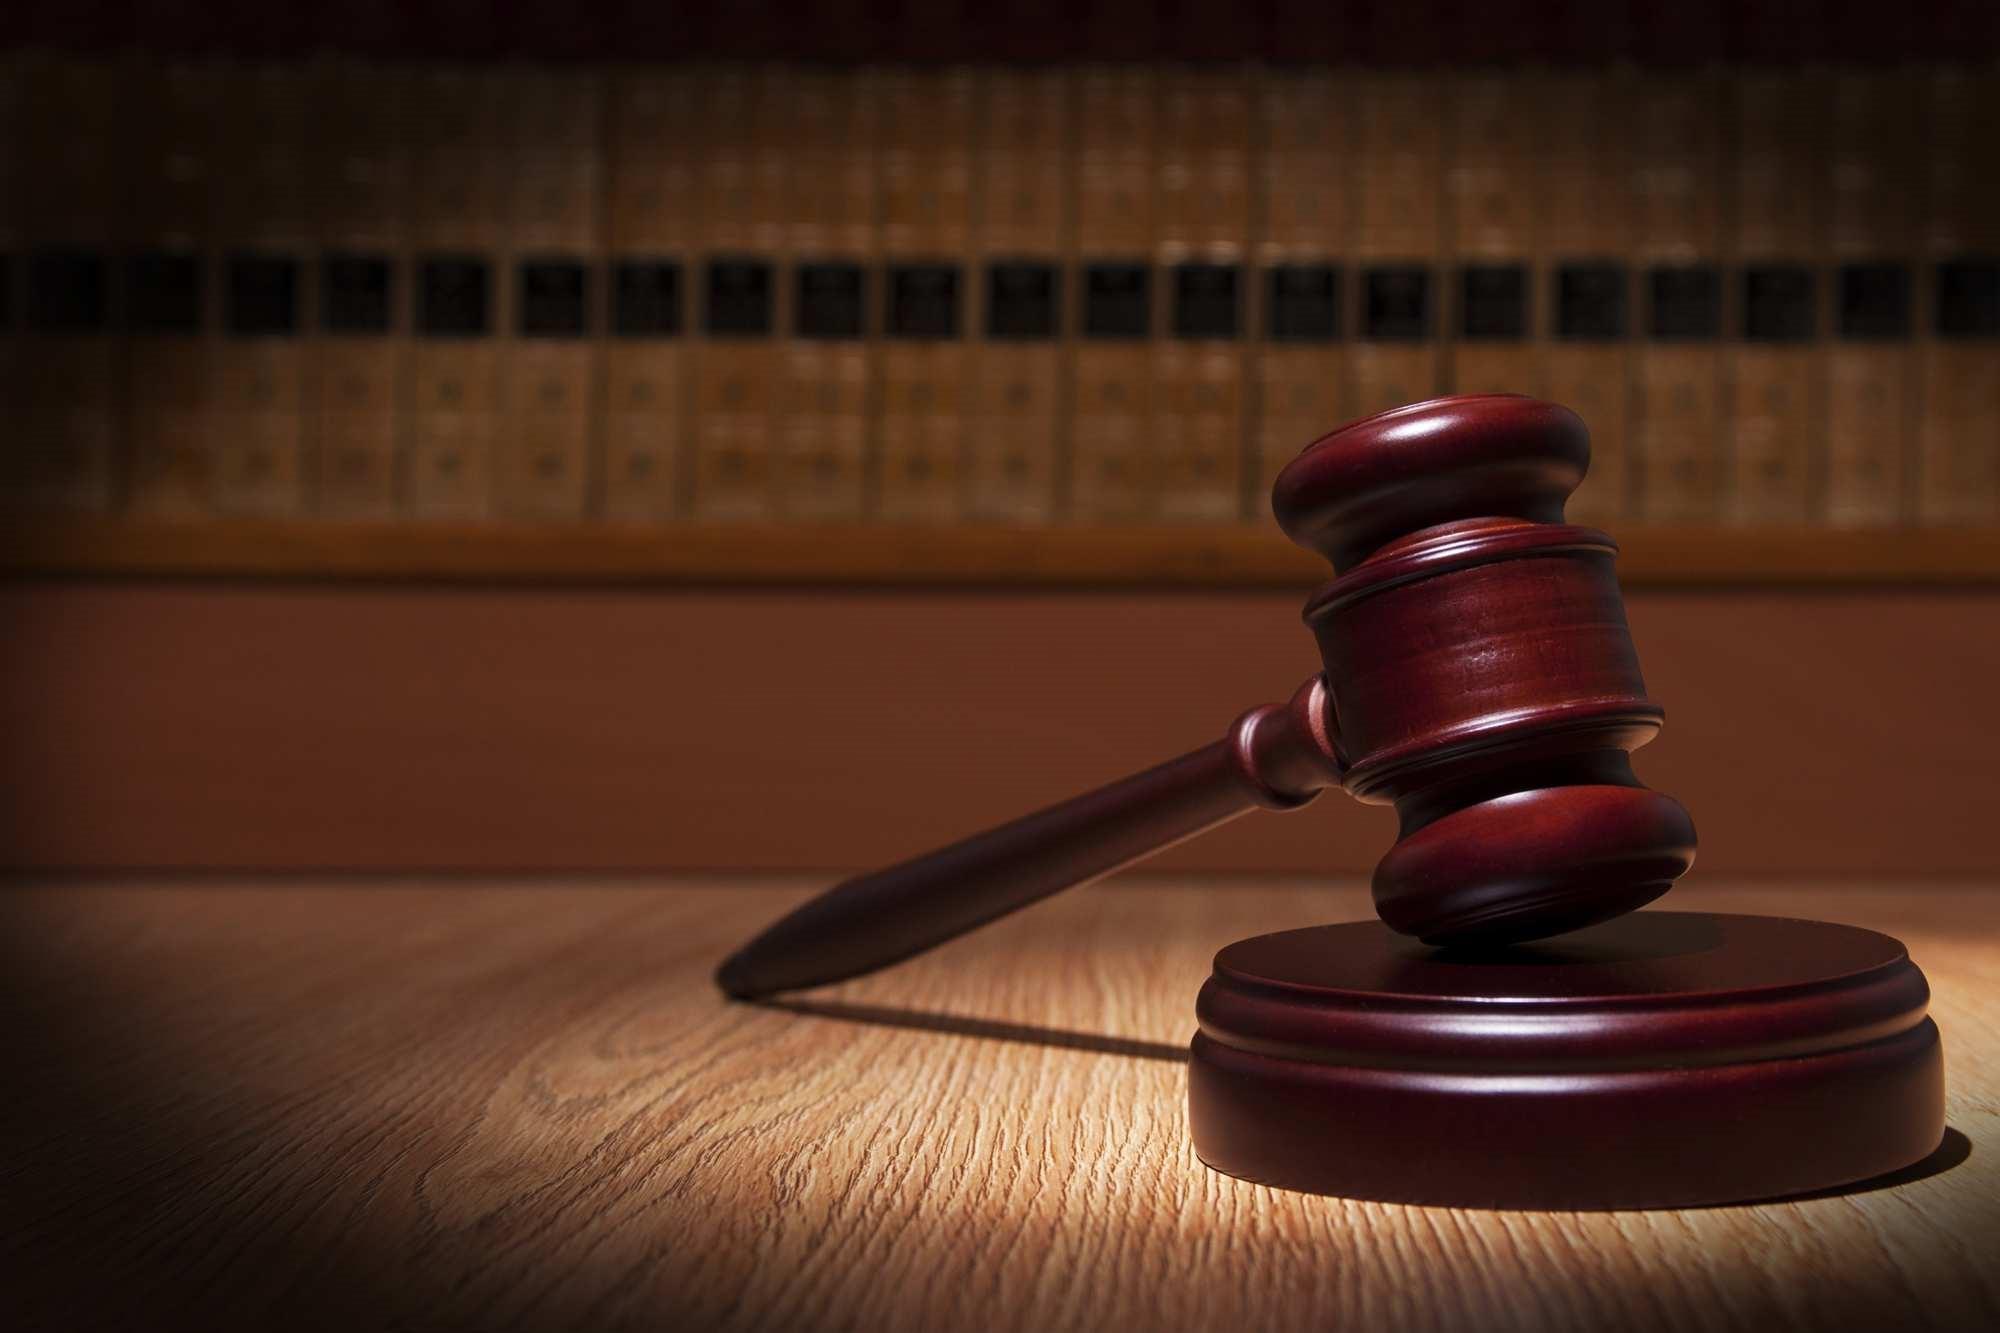 دو قاضی در دادگاه تجدیدنظر حضور دارند